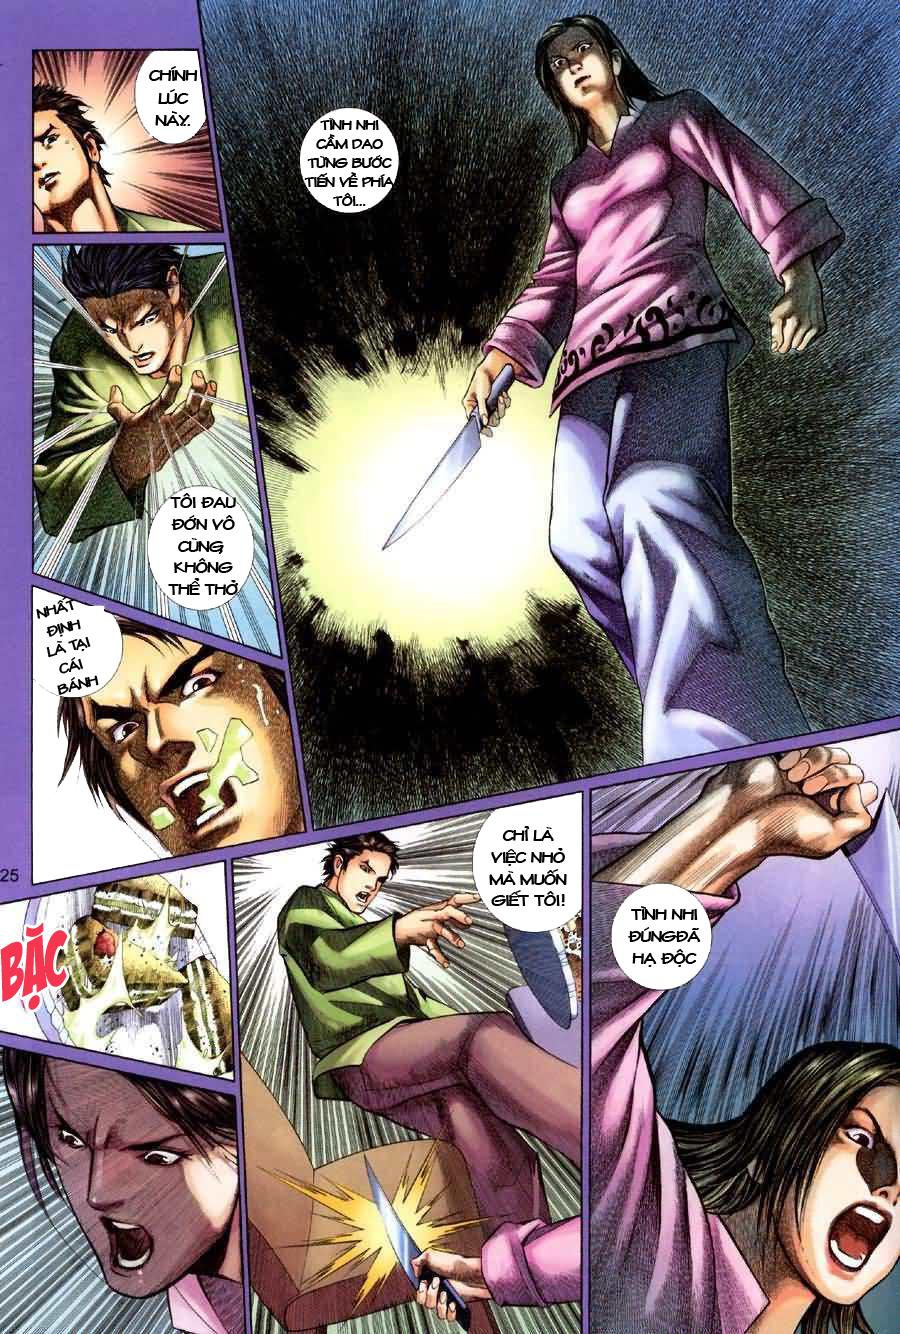 Quỷ Mộ chap 001 trang 25